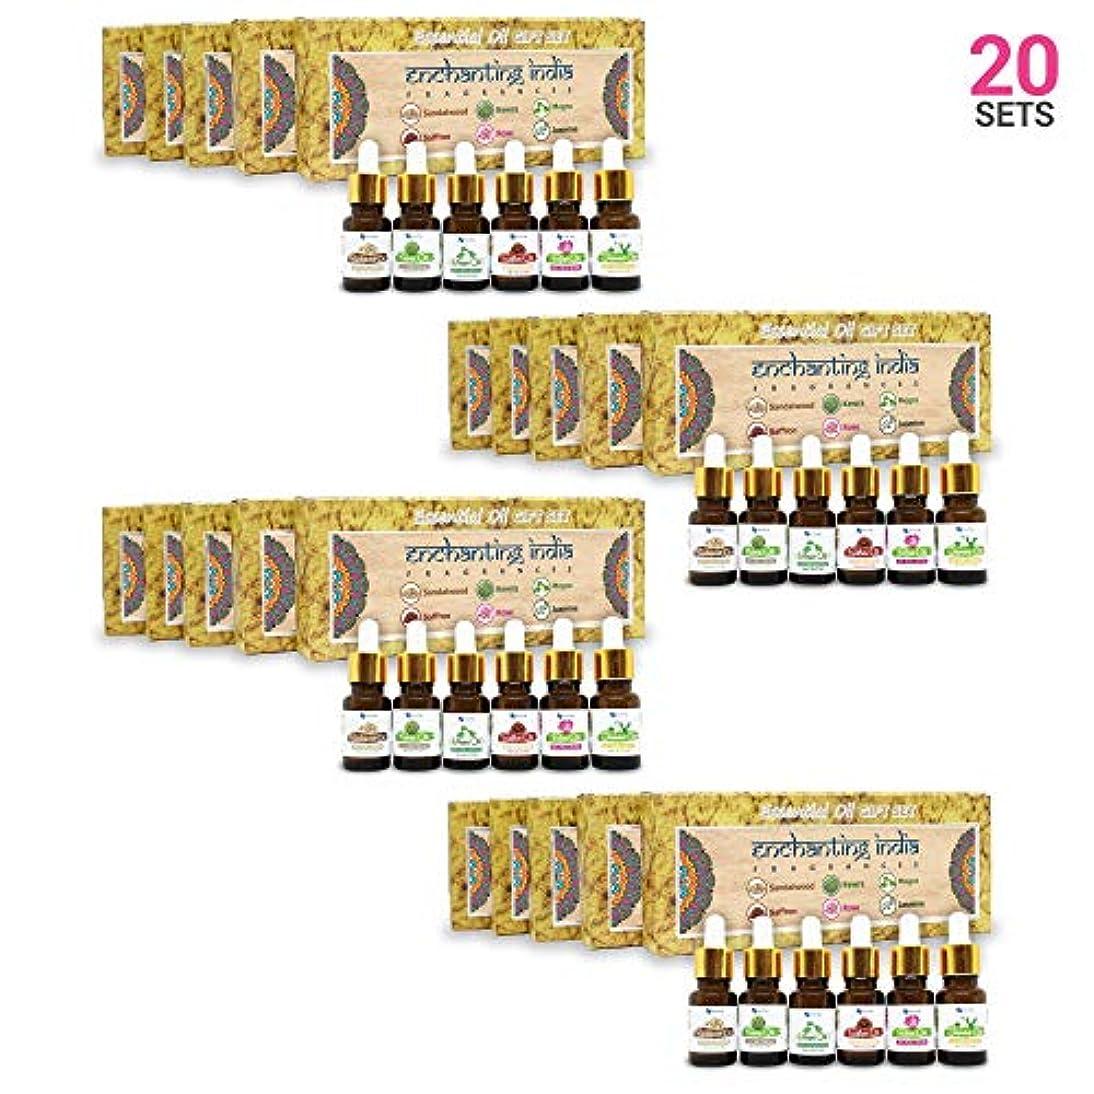 自分の力ですべてをする信じるアマチュアAromatherapy Fragrance Oils (Set of 20) - 100% Pure & Natural Therapeutic Essential Oils, 10ml each (Sandalwood...